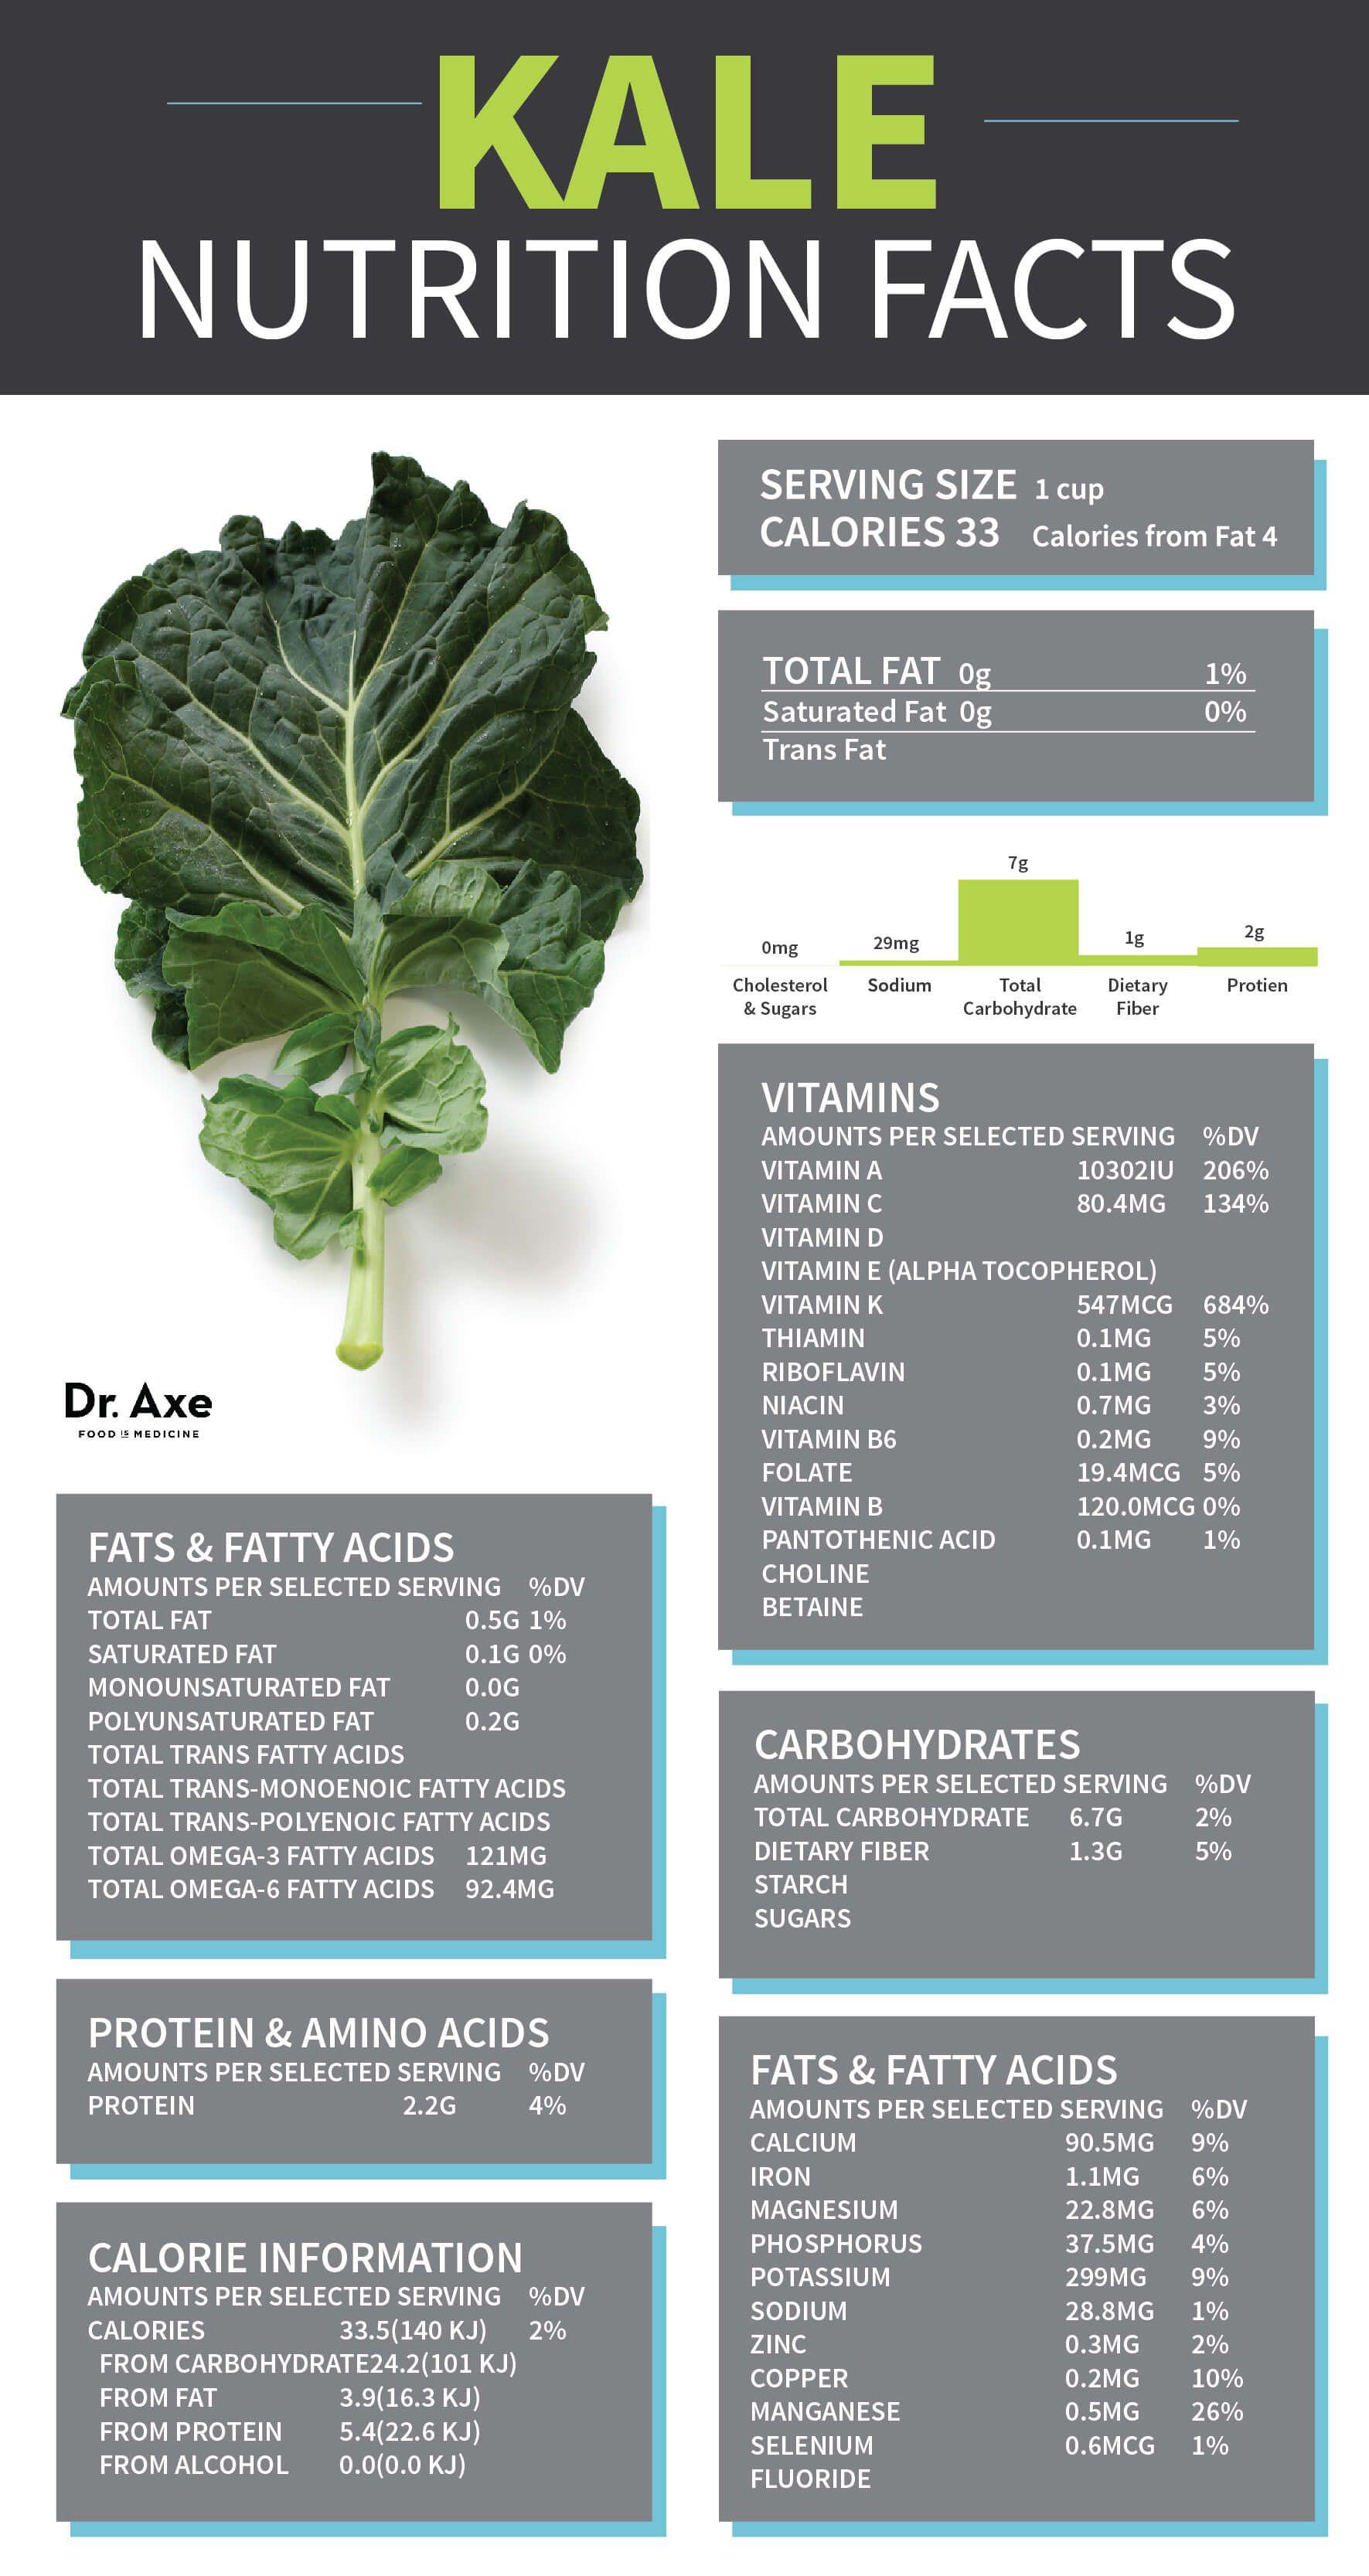 Health properties of kale